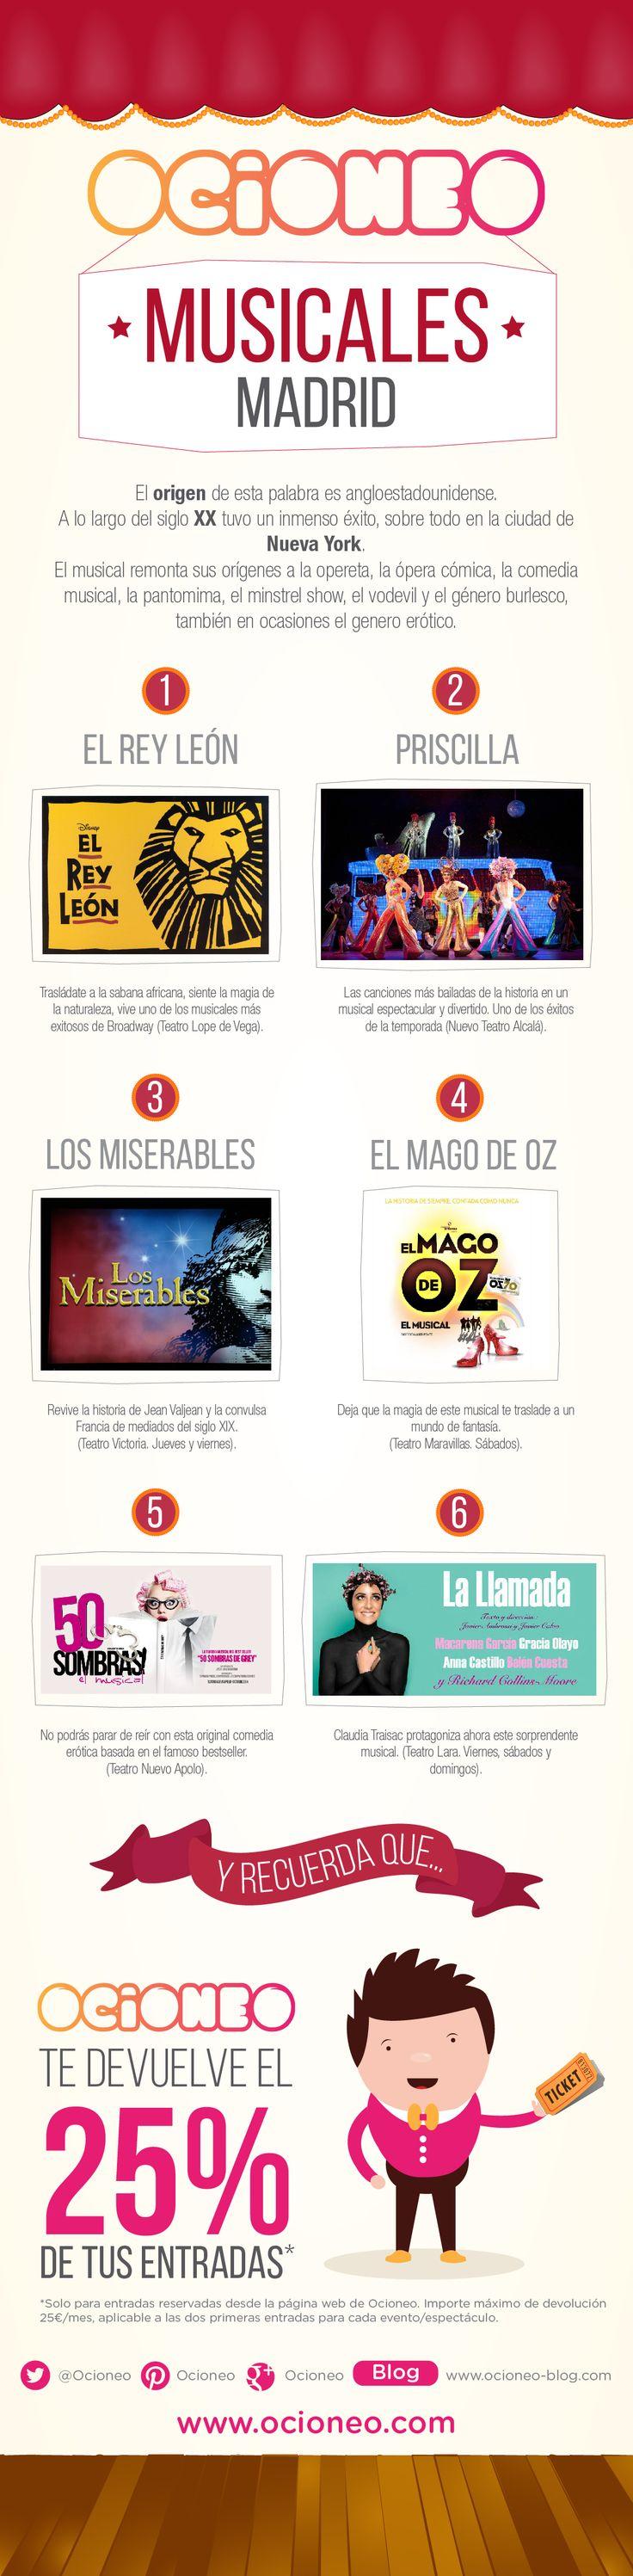 6 musicales en Madrid que no te puedes perder (infografía) - Ocioneo